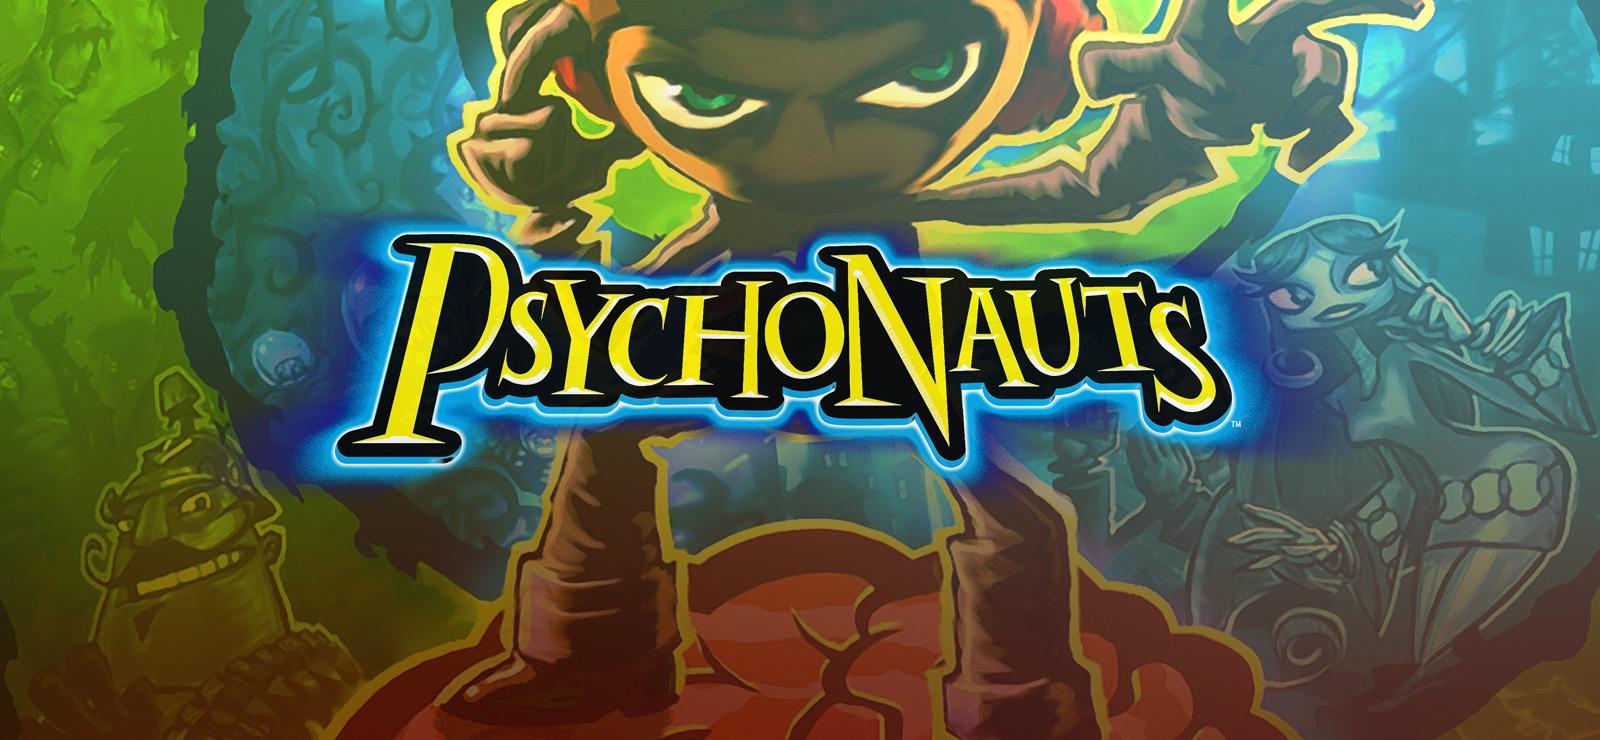 Psychonauts 2 Double Fine